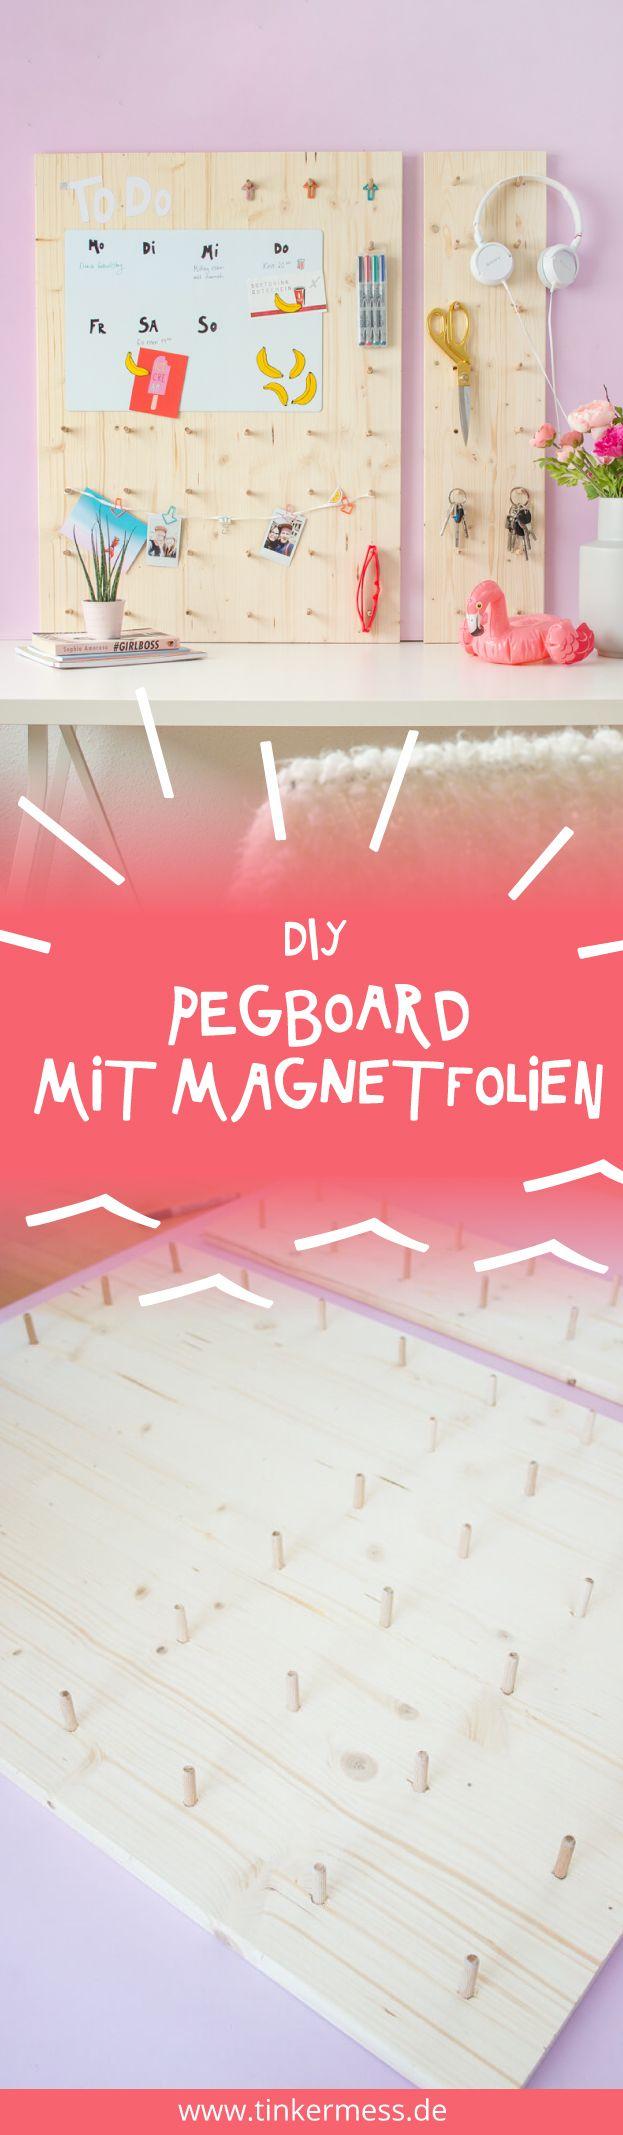 Heute zeige ich euch eine einfache Anleitung für ein Pegboard, mit einem Terminkalender aus beschreibbarer Magnetfolie und DIY Bananenmagneten.